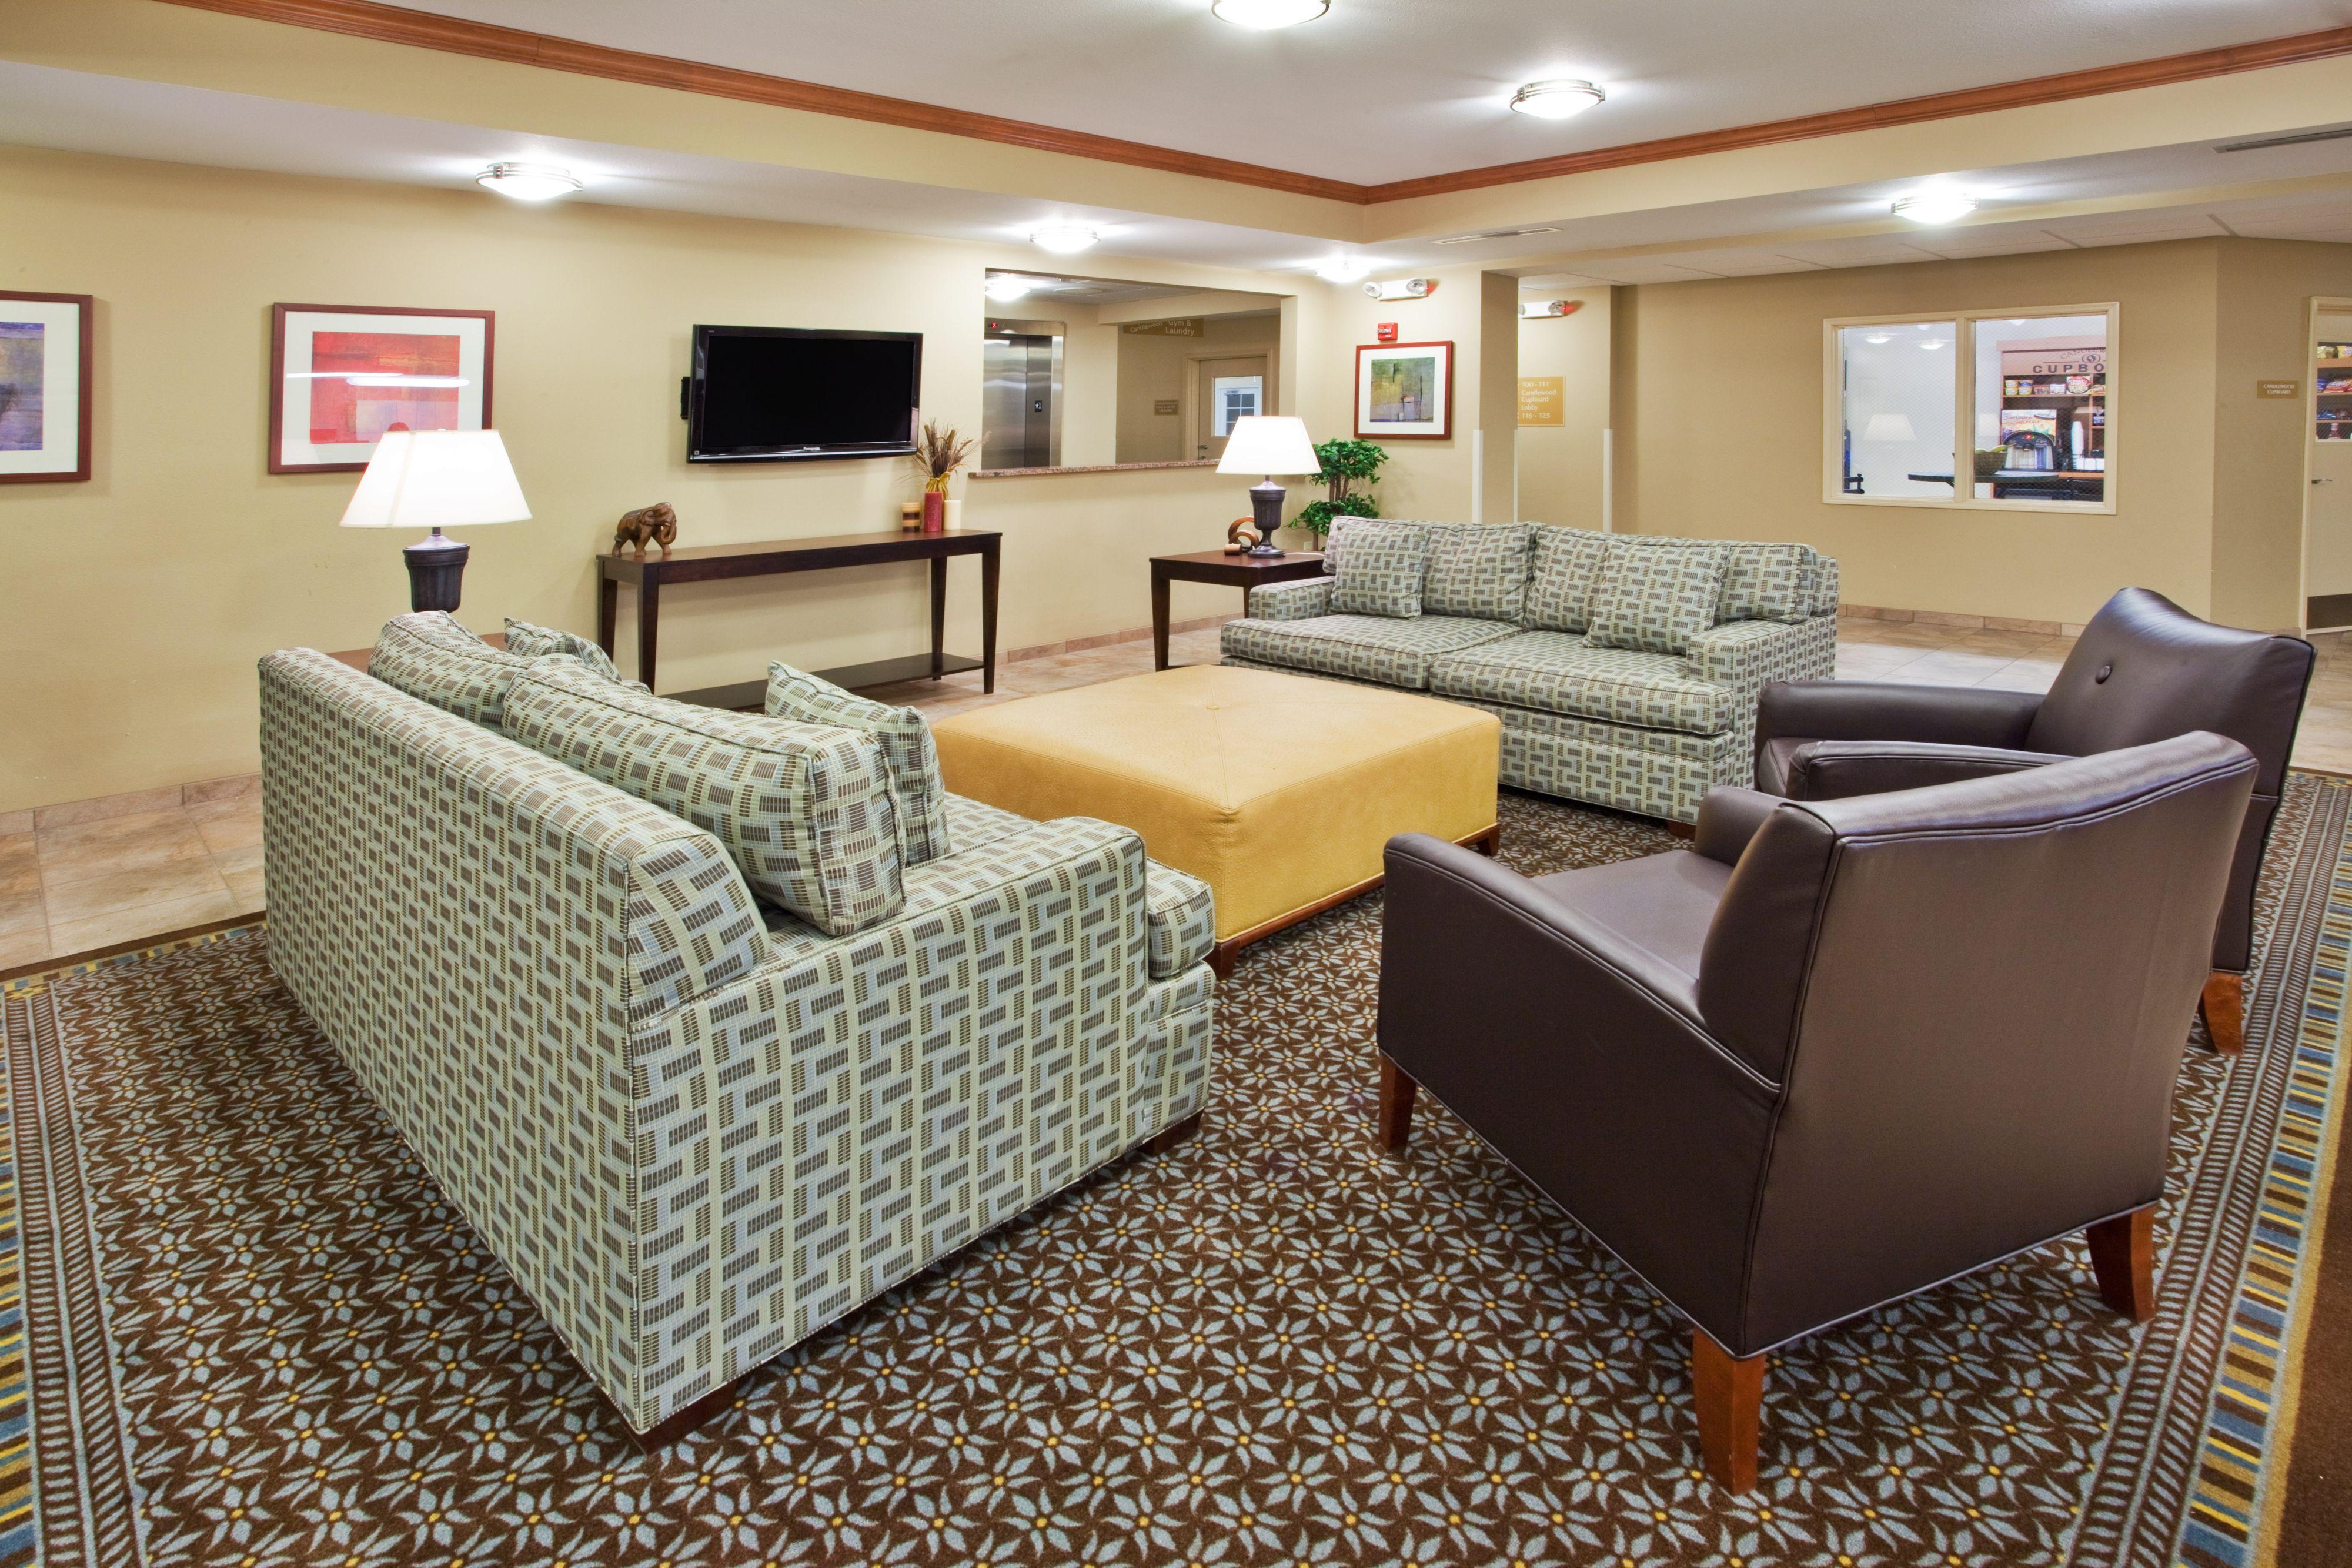 Candlewood Suites Kalamazoo image 8